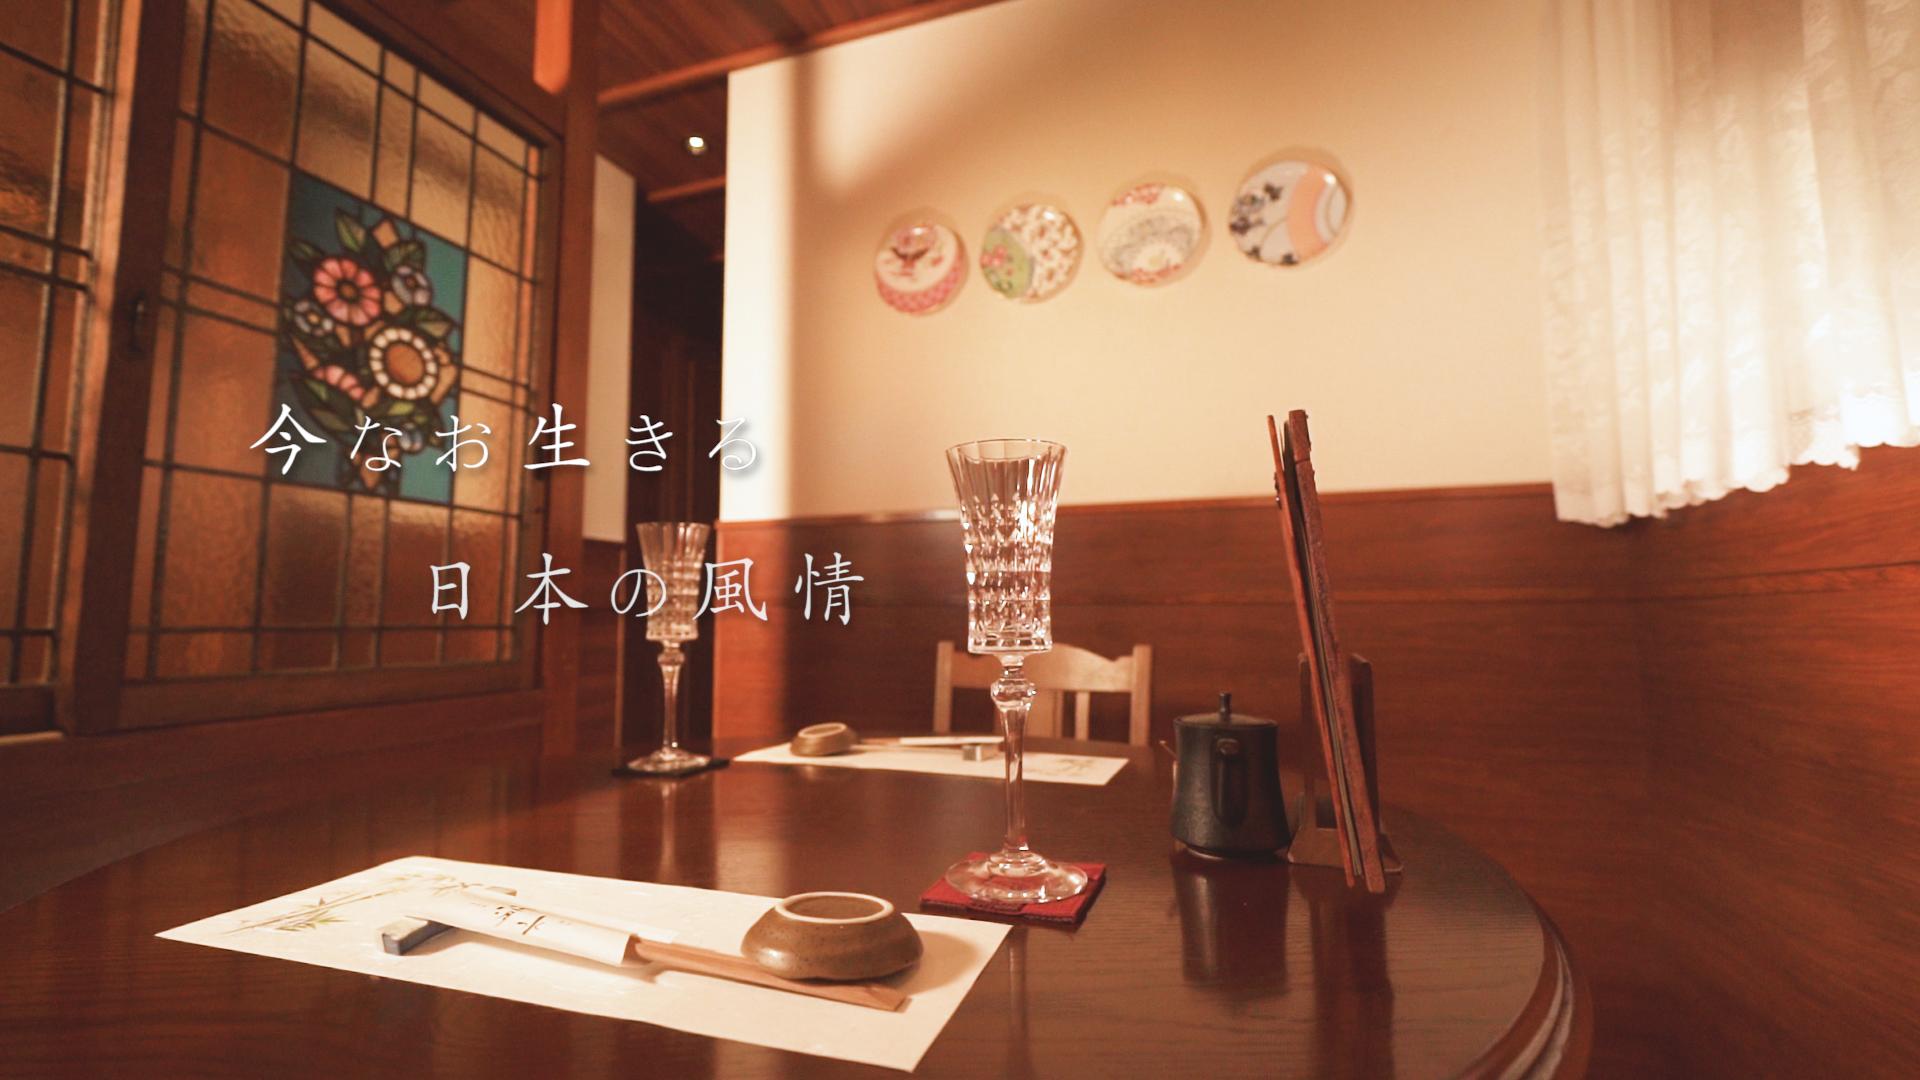 tmb_Shimizu3